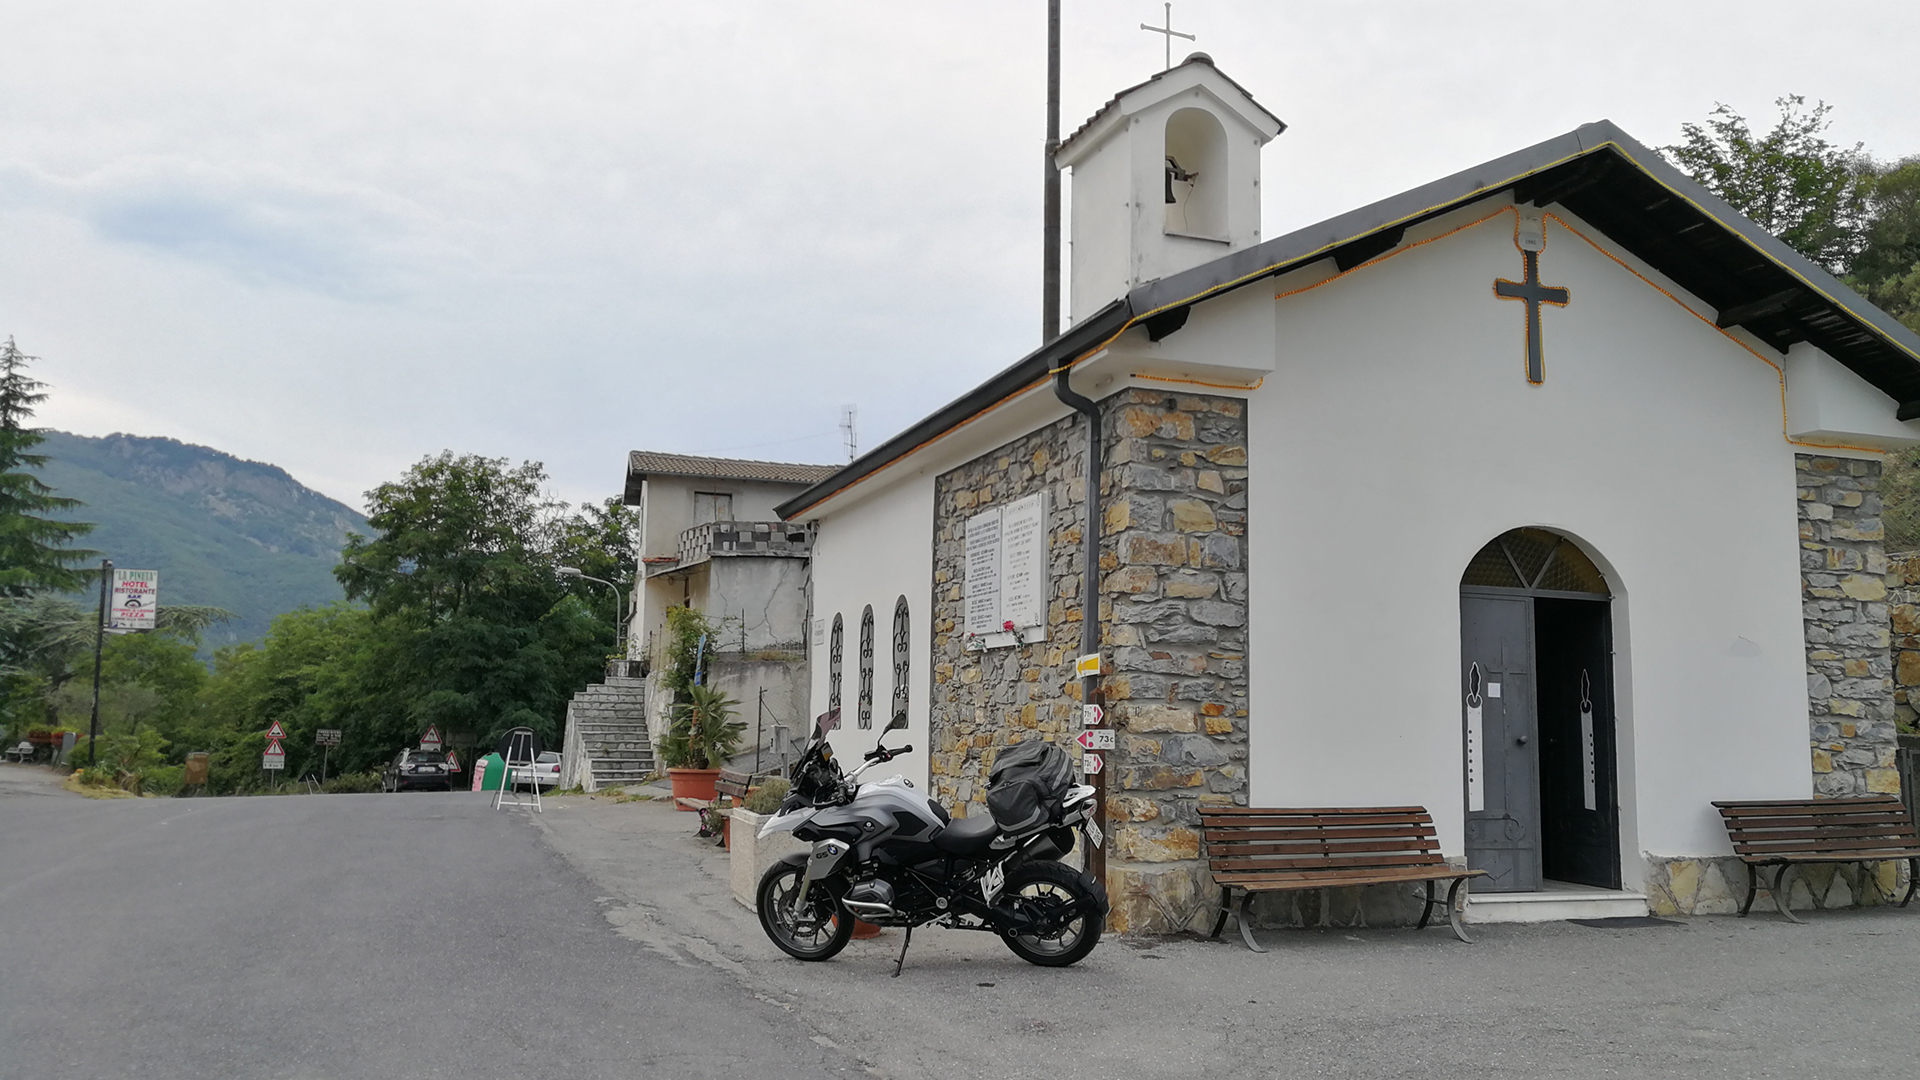 0625 - I - Colle San Bartolomeo